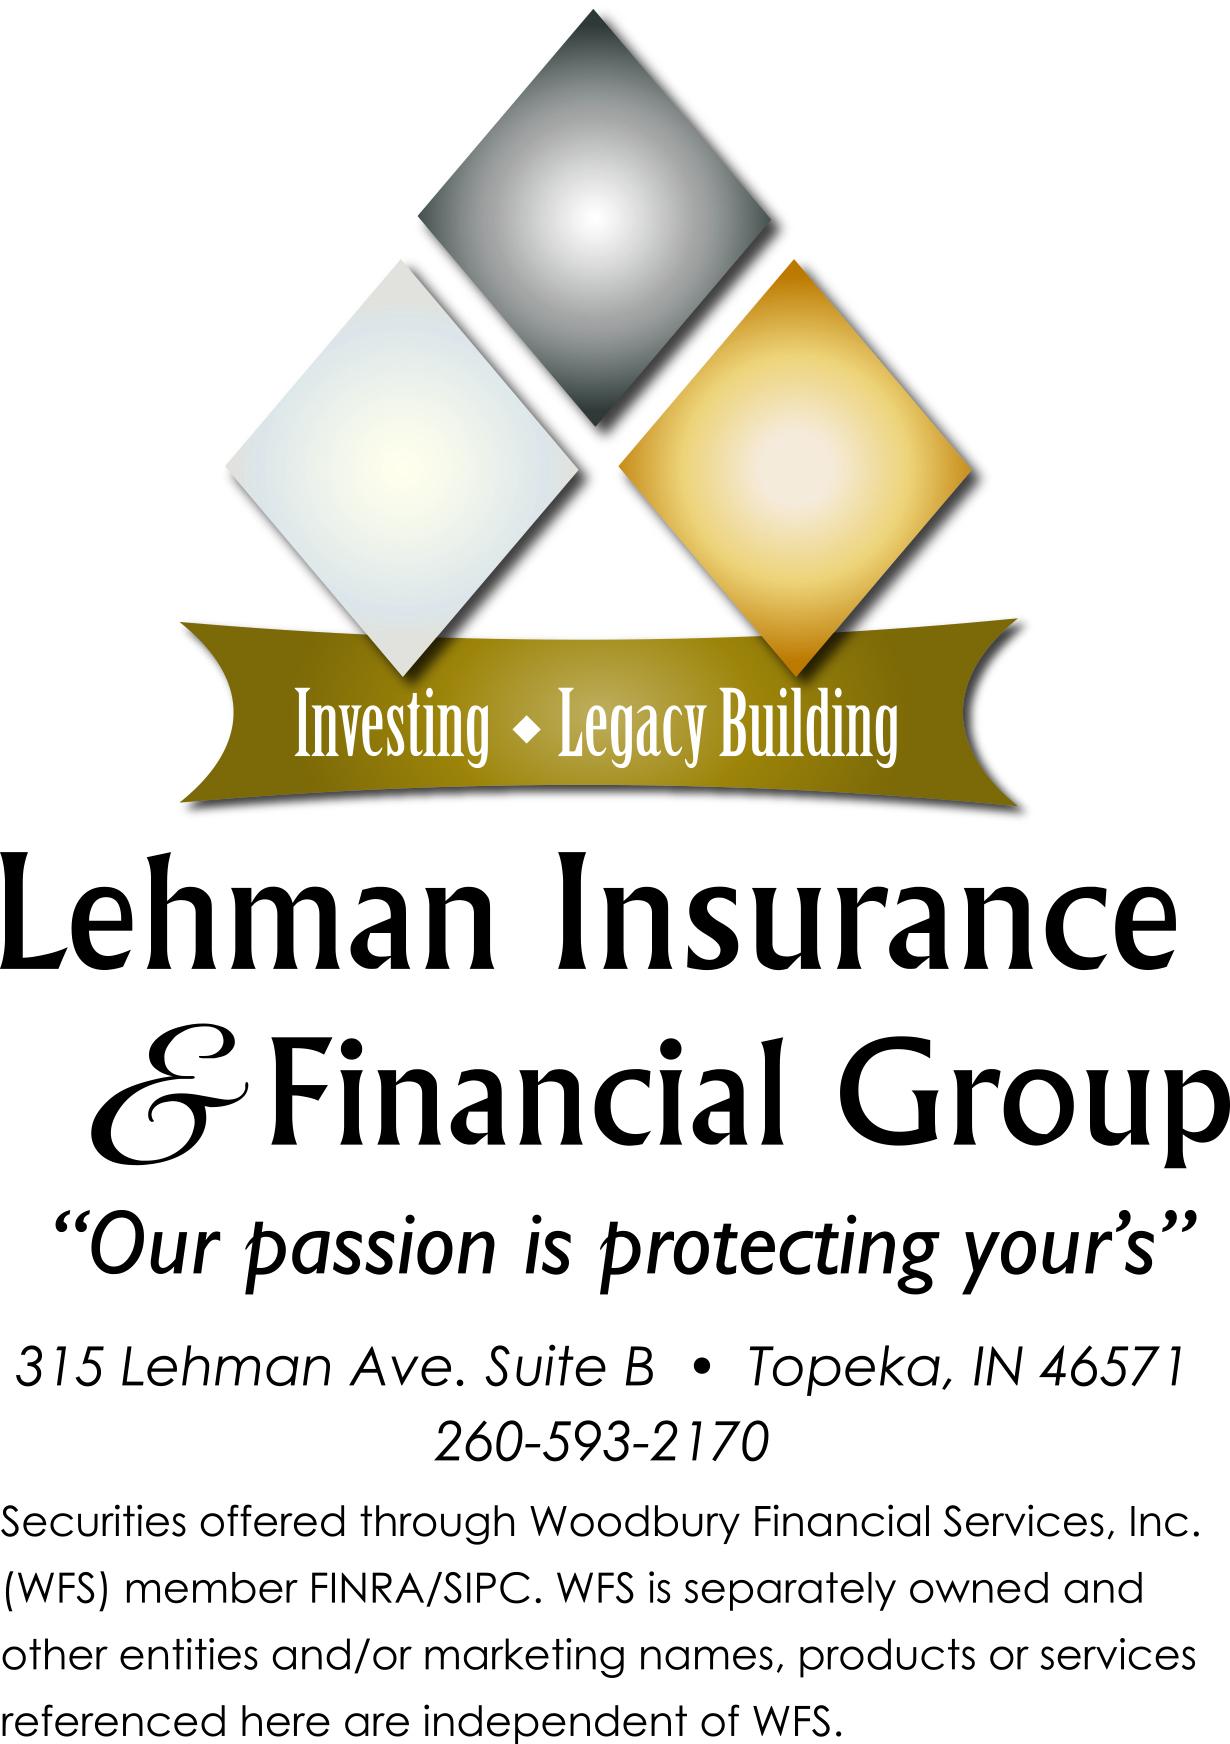 Lehman Insurance